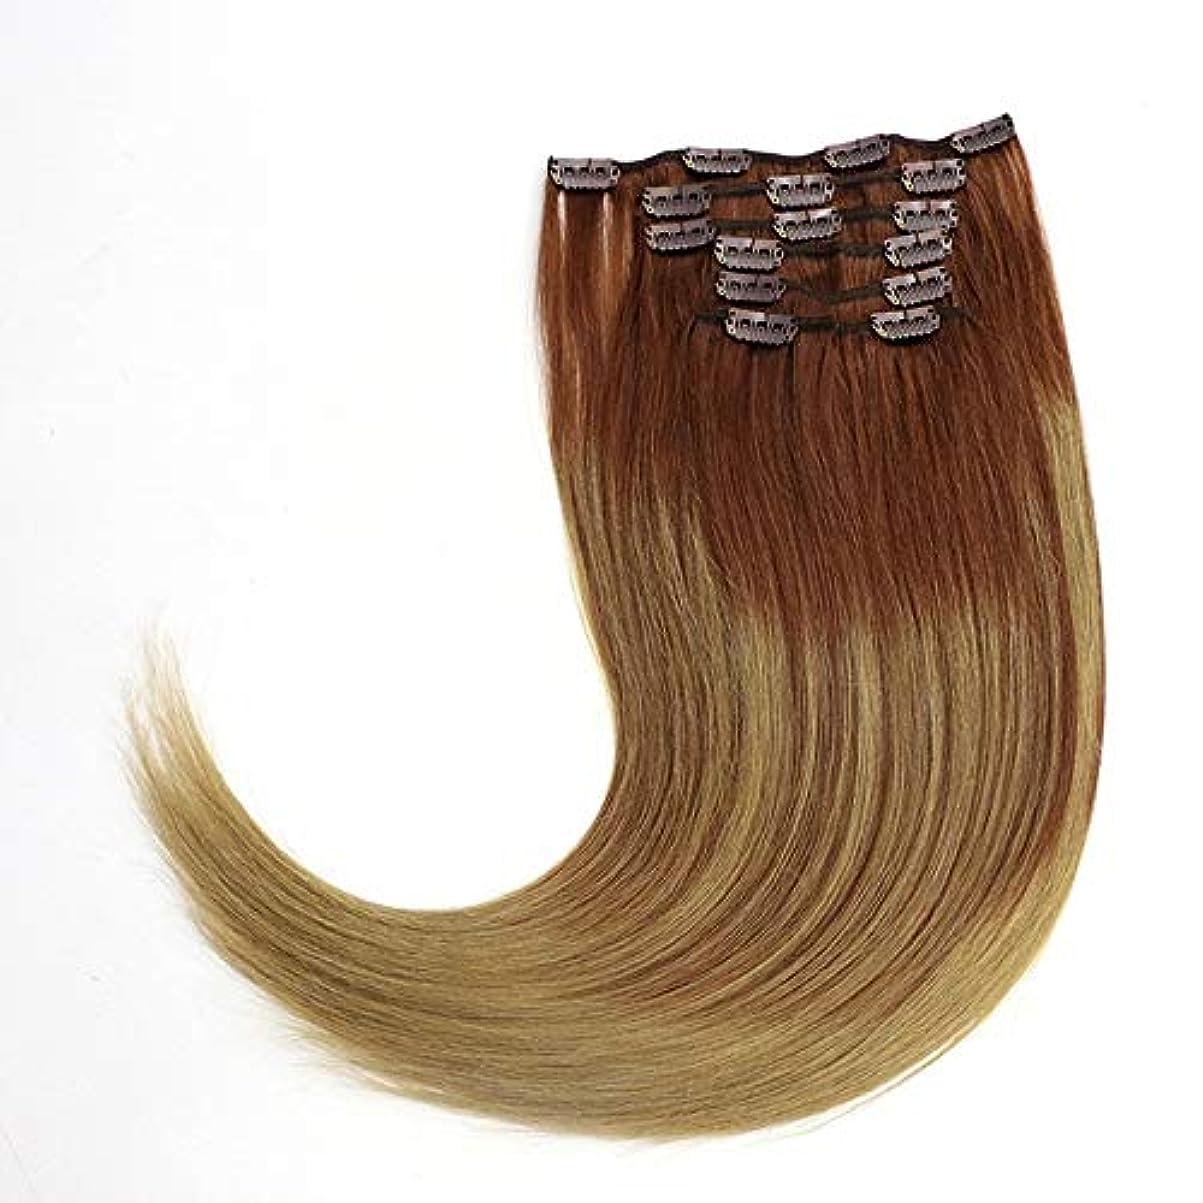 下位めんどり選択WASAIO ヘアエクステンションクリップ裏地なし髪型人間のクリップで - ダブル横糸100%レミー8個頭部全体のかつら10「-28」 (色 : ブラウン, サイズ : 16 inch)